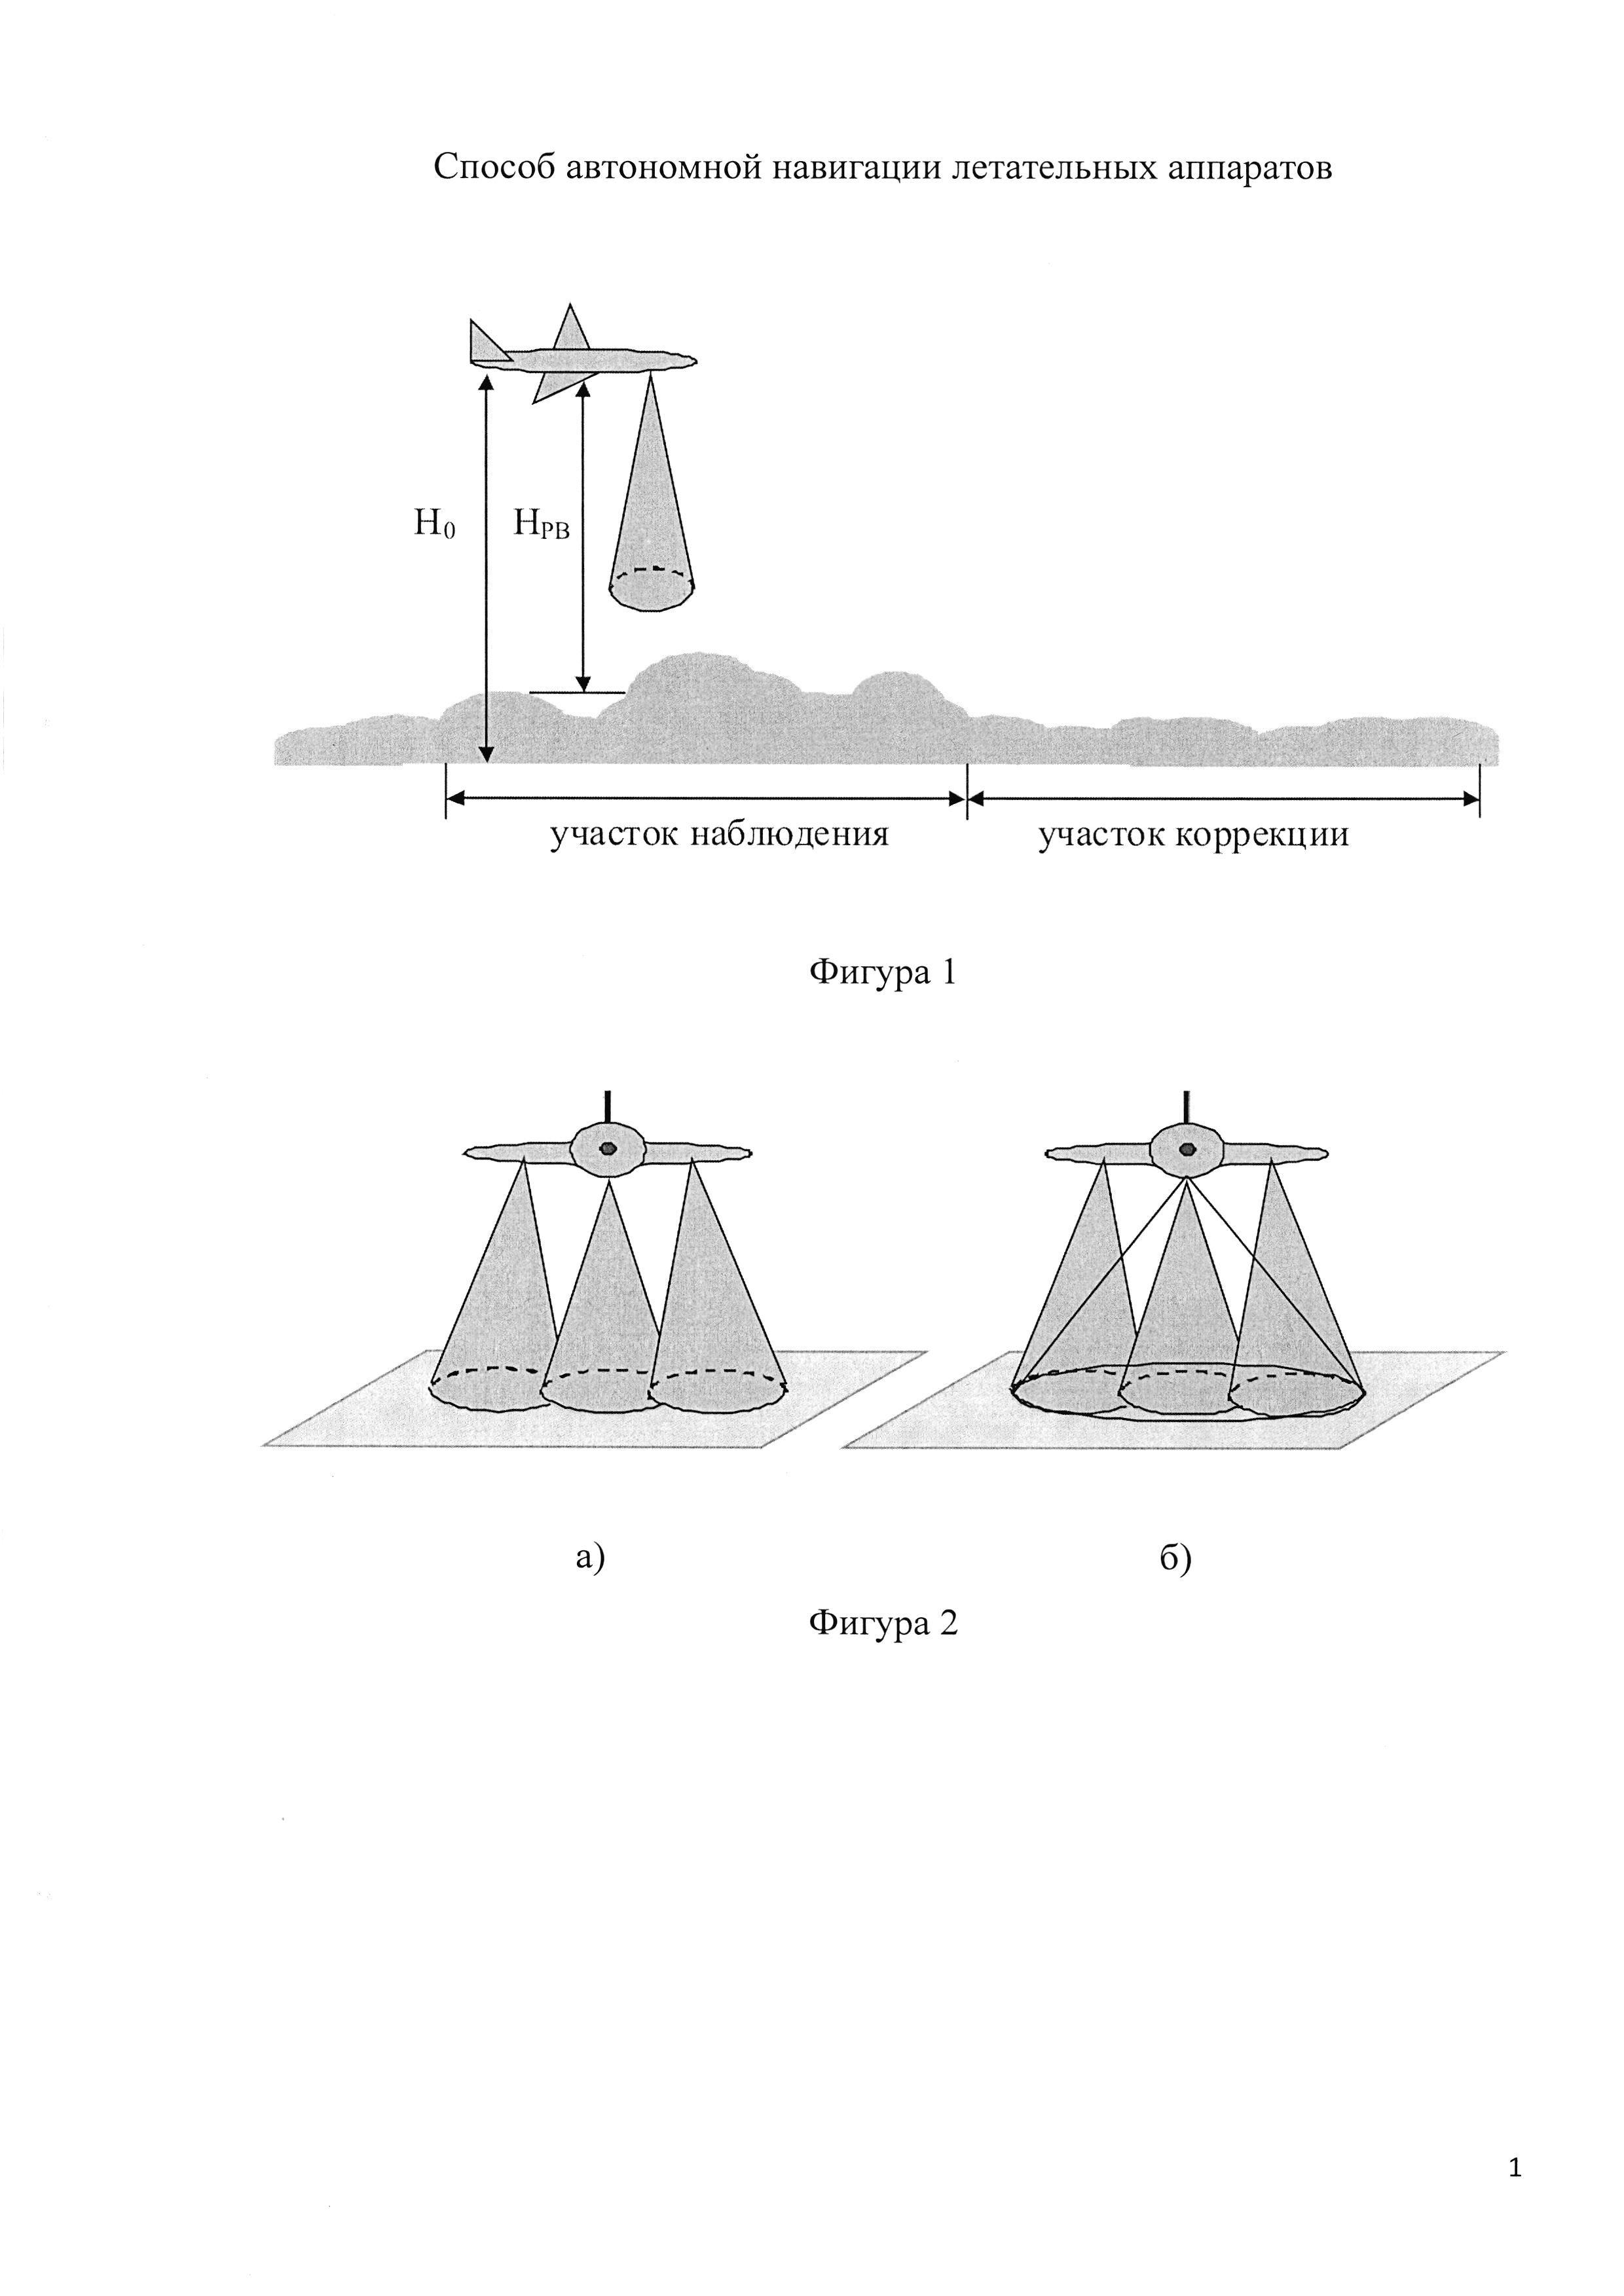 Способ автономной навигации летательных аппаратов